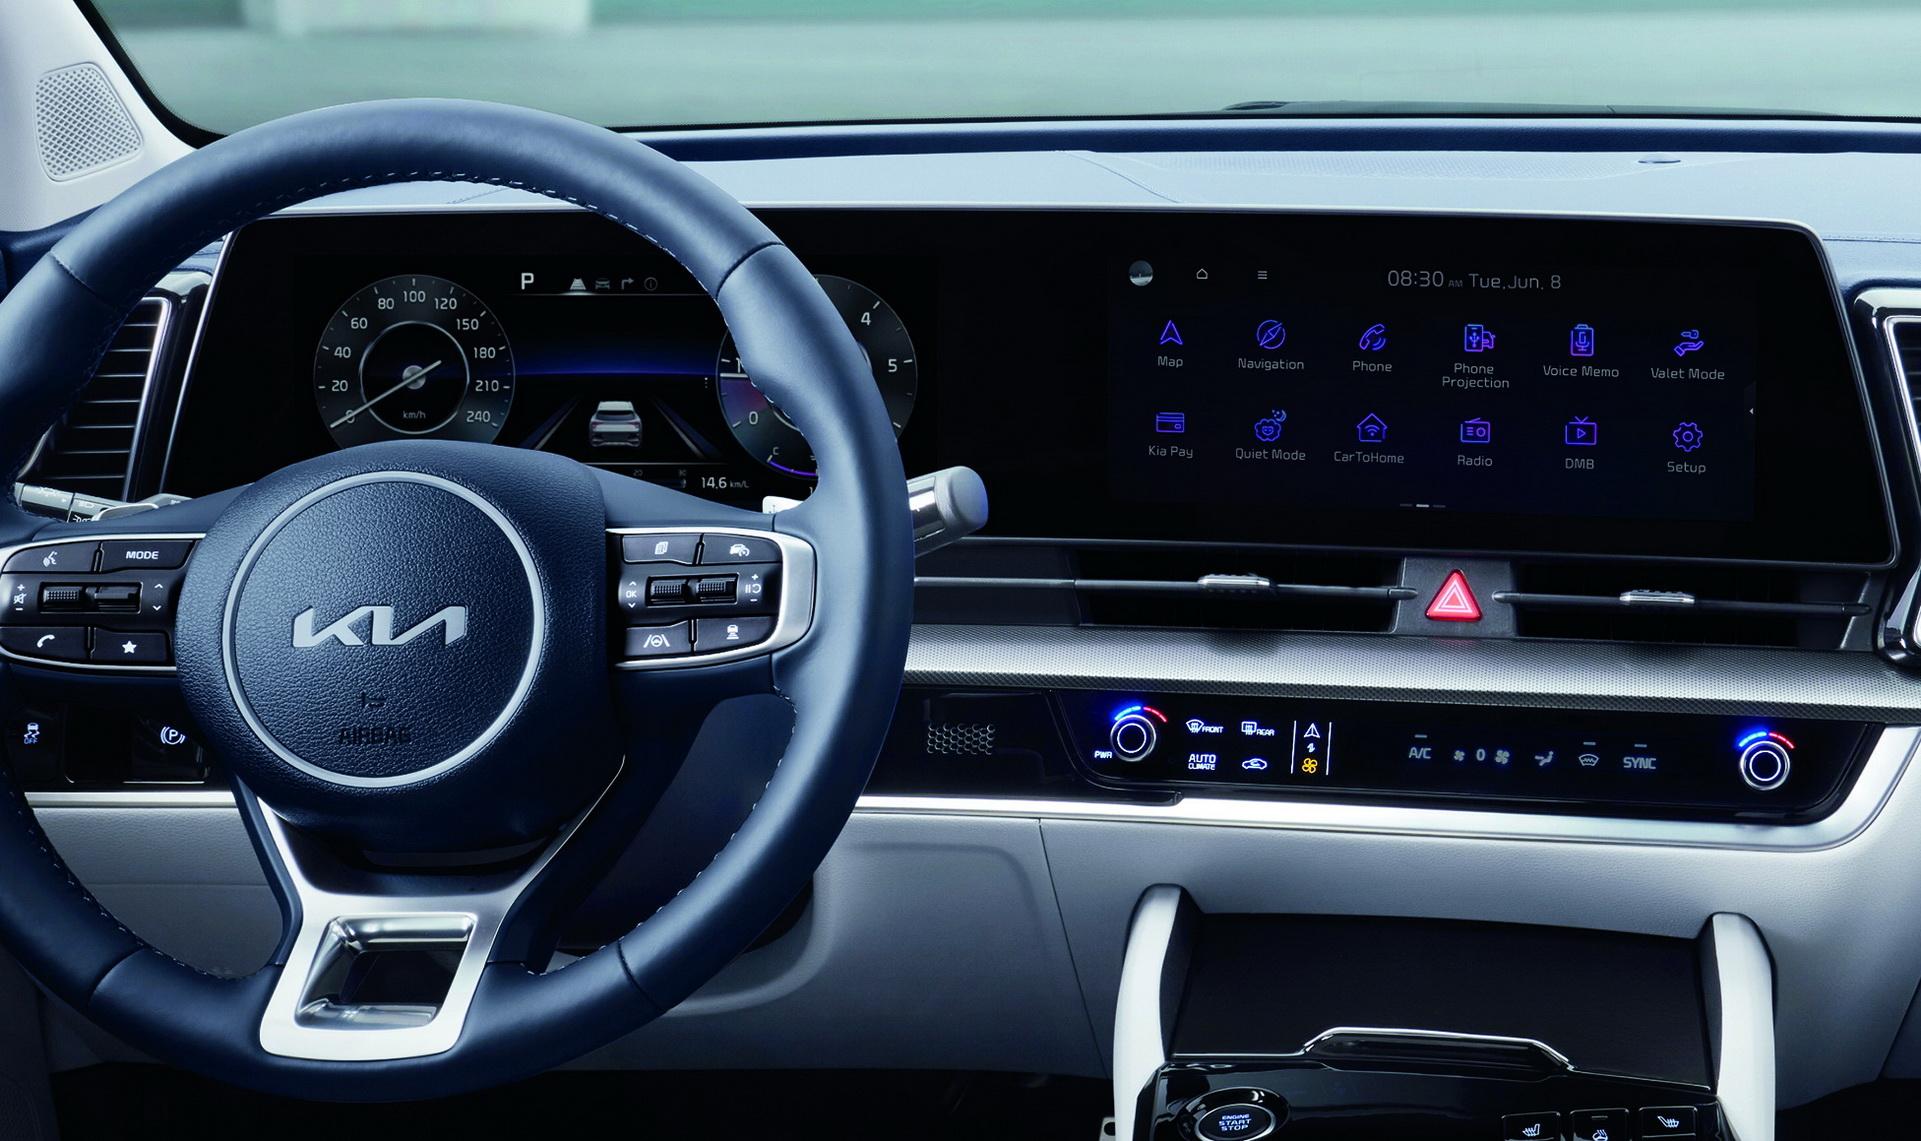 Kia Sportage 2022 ra mắt: Thiết kế táo bạo, nội thất hiện đại và cao cấp hơn kia-sportage-2023-dashboard.jpg